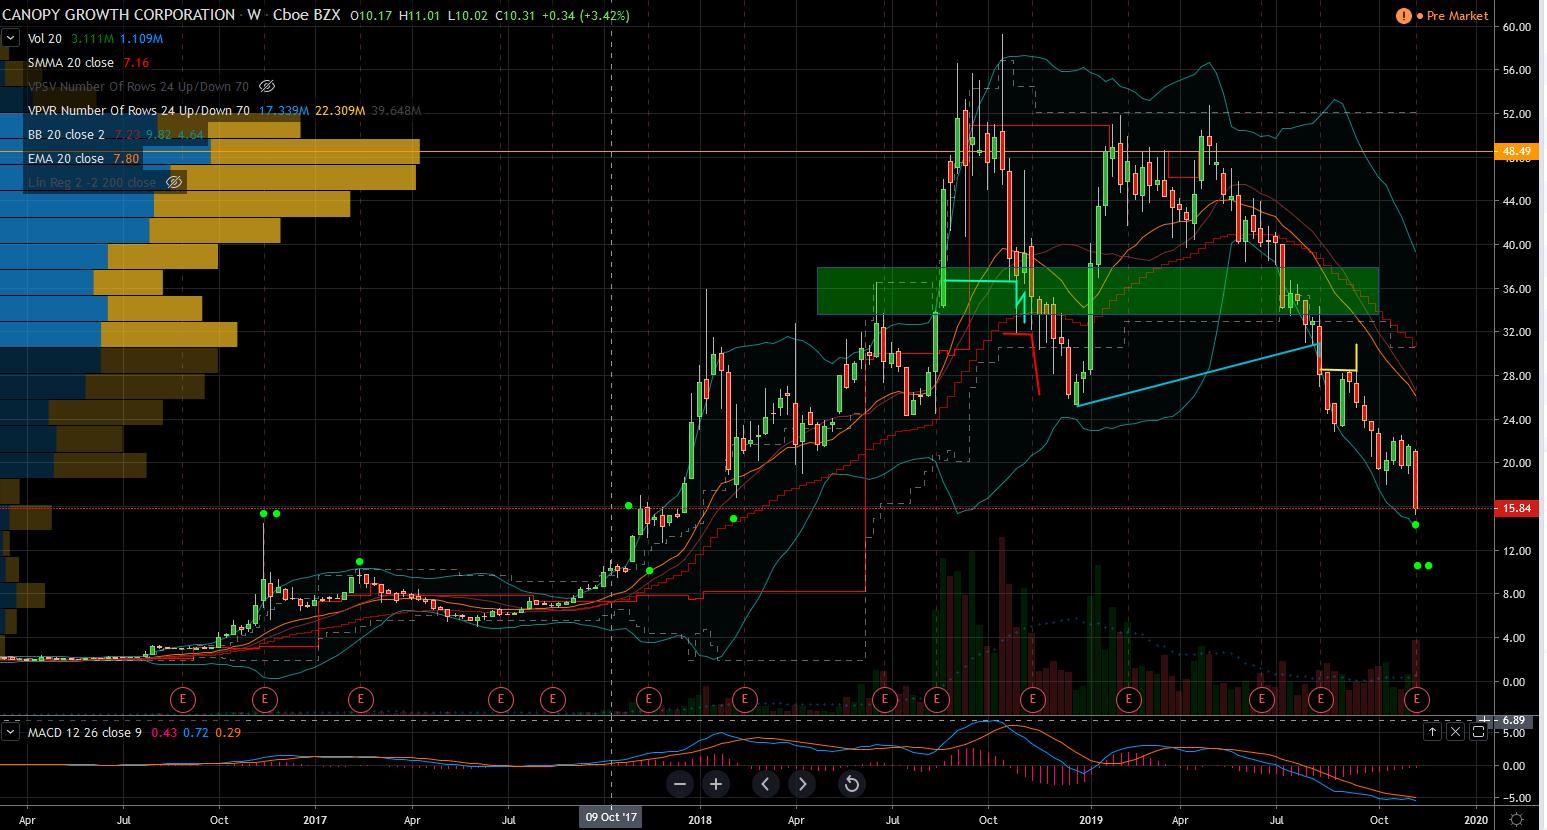 CGC chart